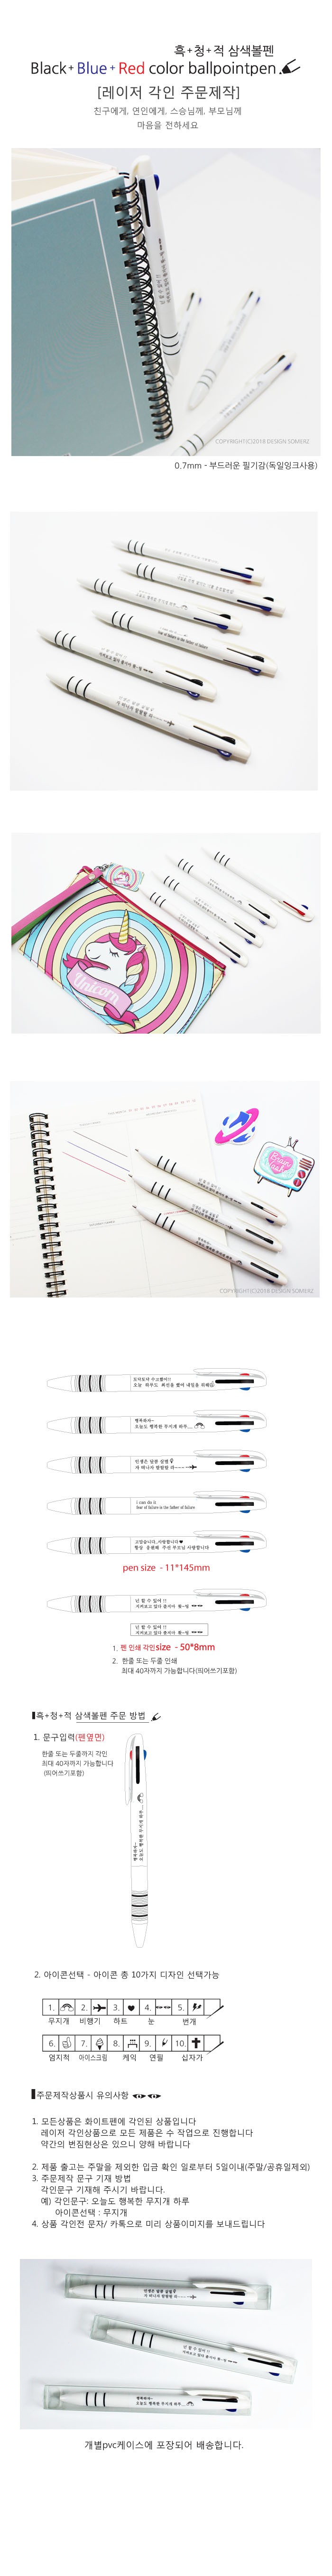 흑+청+적 삼색볼펜(주문각인상품) - 디자인소머즈, 3,200원, 볼펜, 멀티색상 볼펜